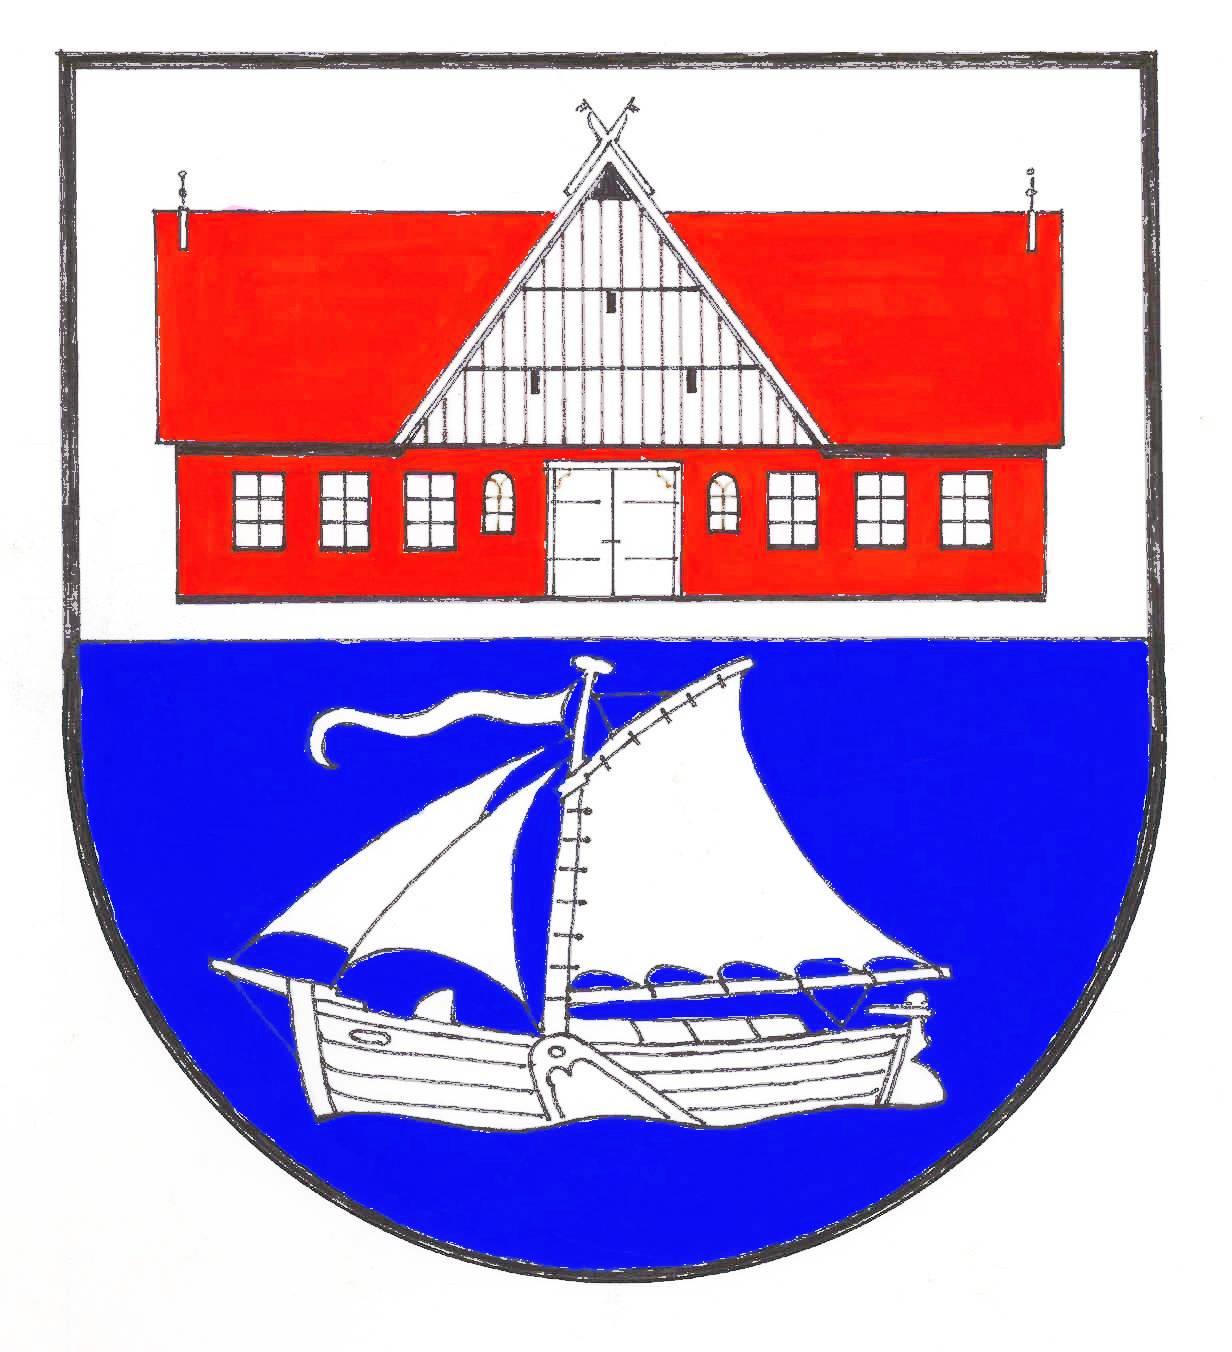 Wappen GemeindeWewelsfleth, Kreis Steinburg